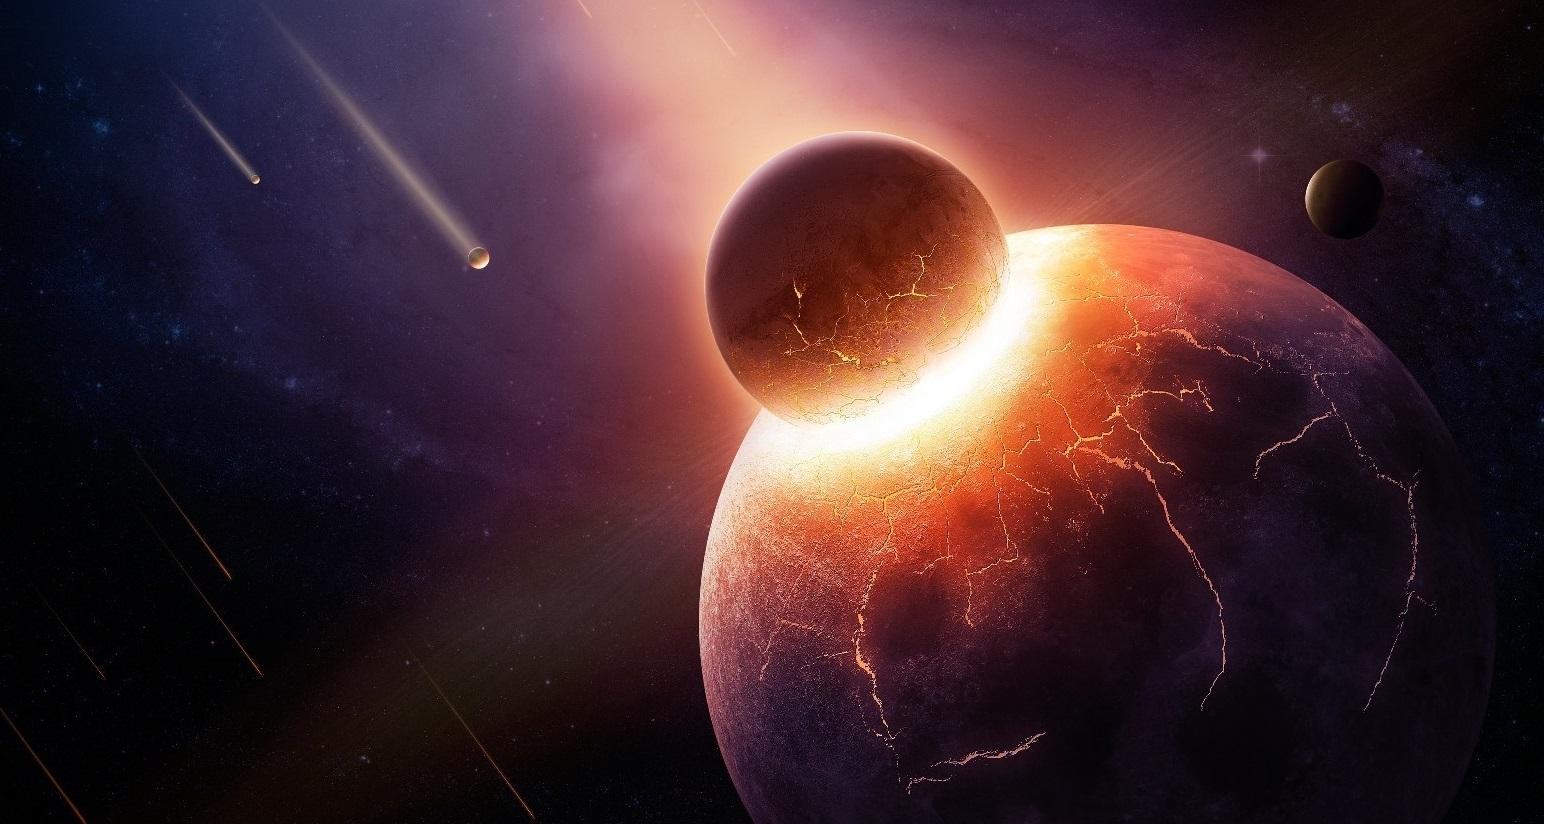 Phát hiện mới về những hành tinh lang thang có khả năng đụng độ Hệ Mặt trời của chúng ta